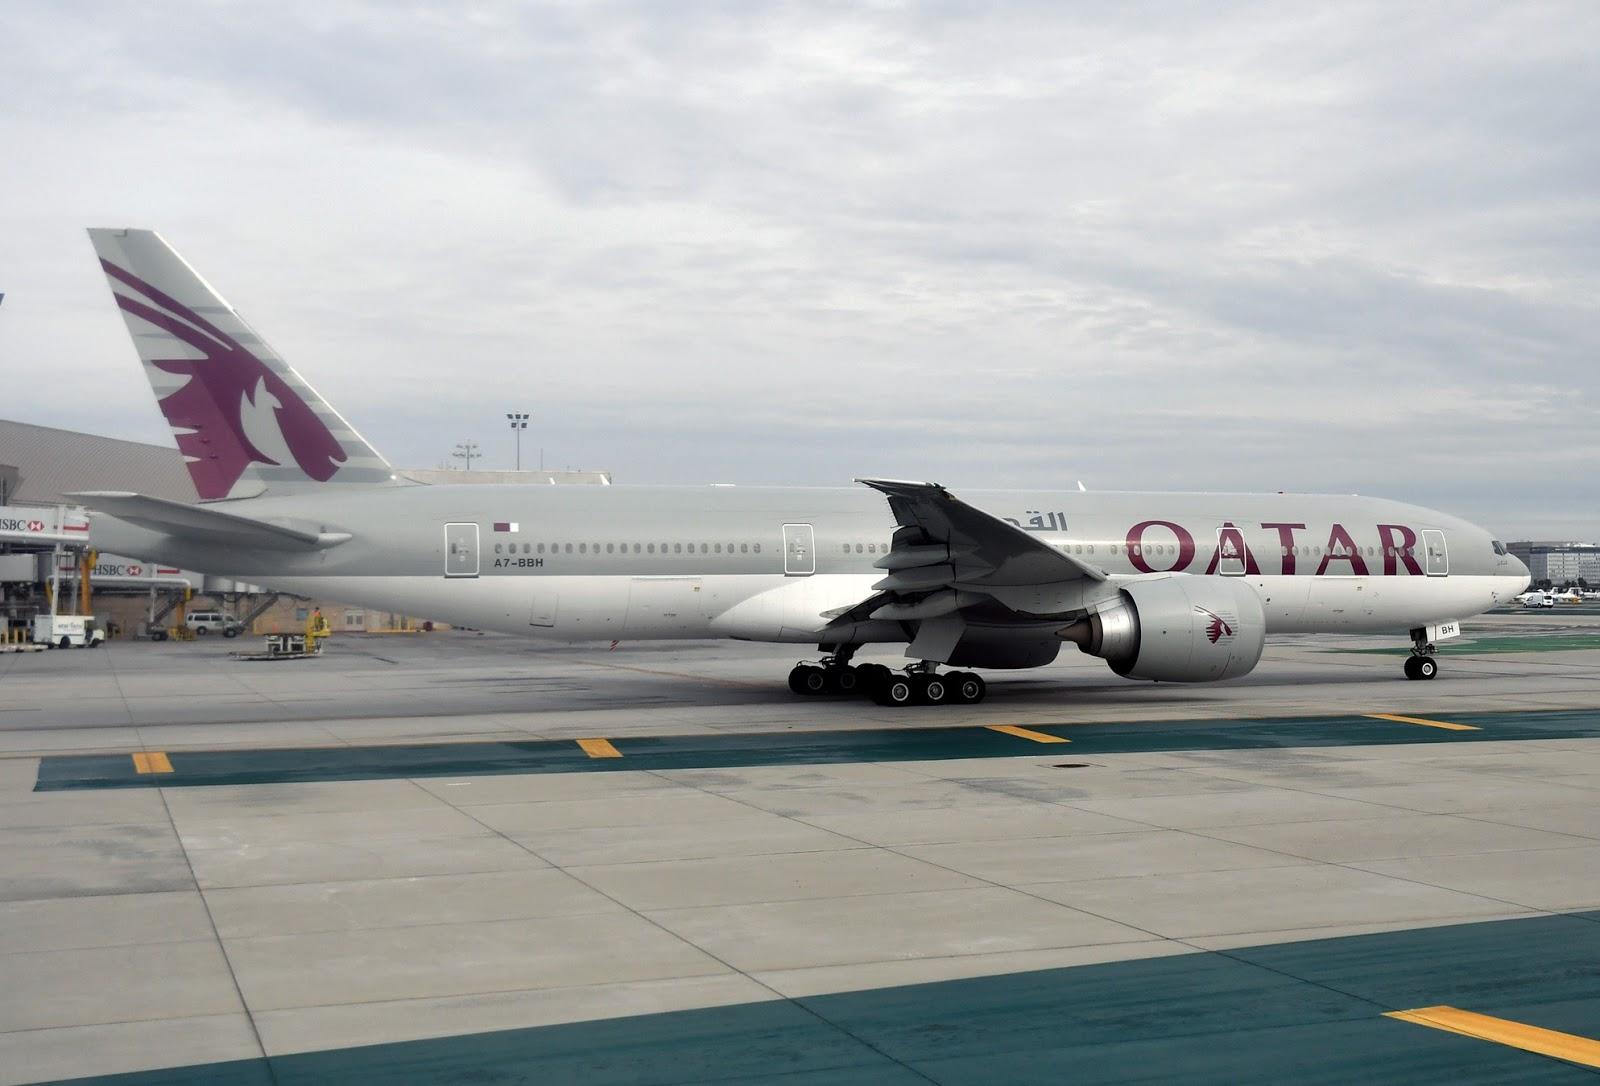 Qatar%2BAirways%2BA380.jpg